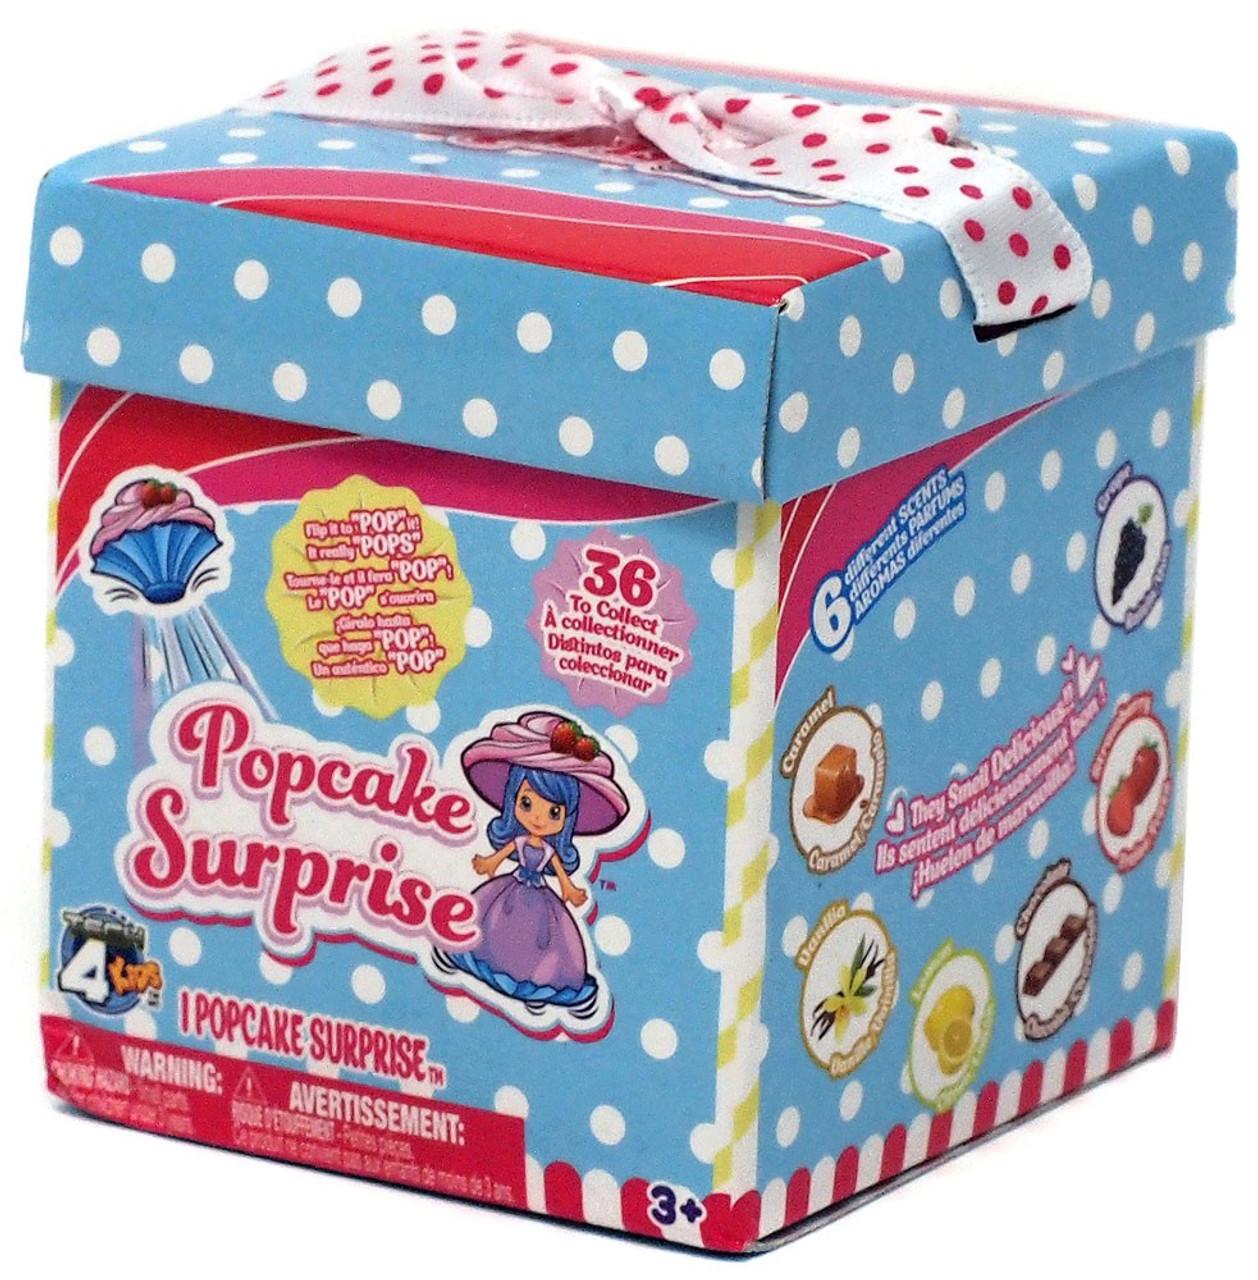 Popcake Surprise 3 popcake surprise blind boxes